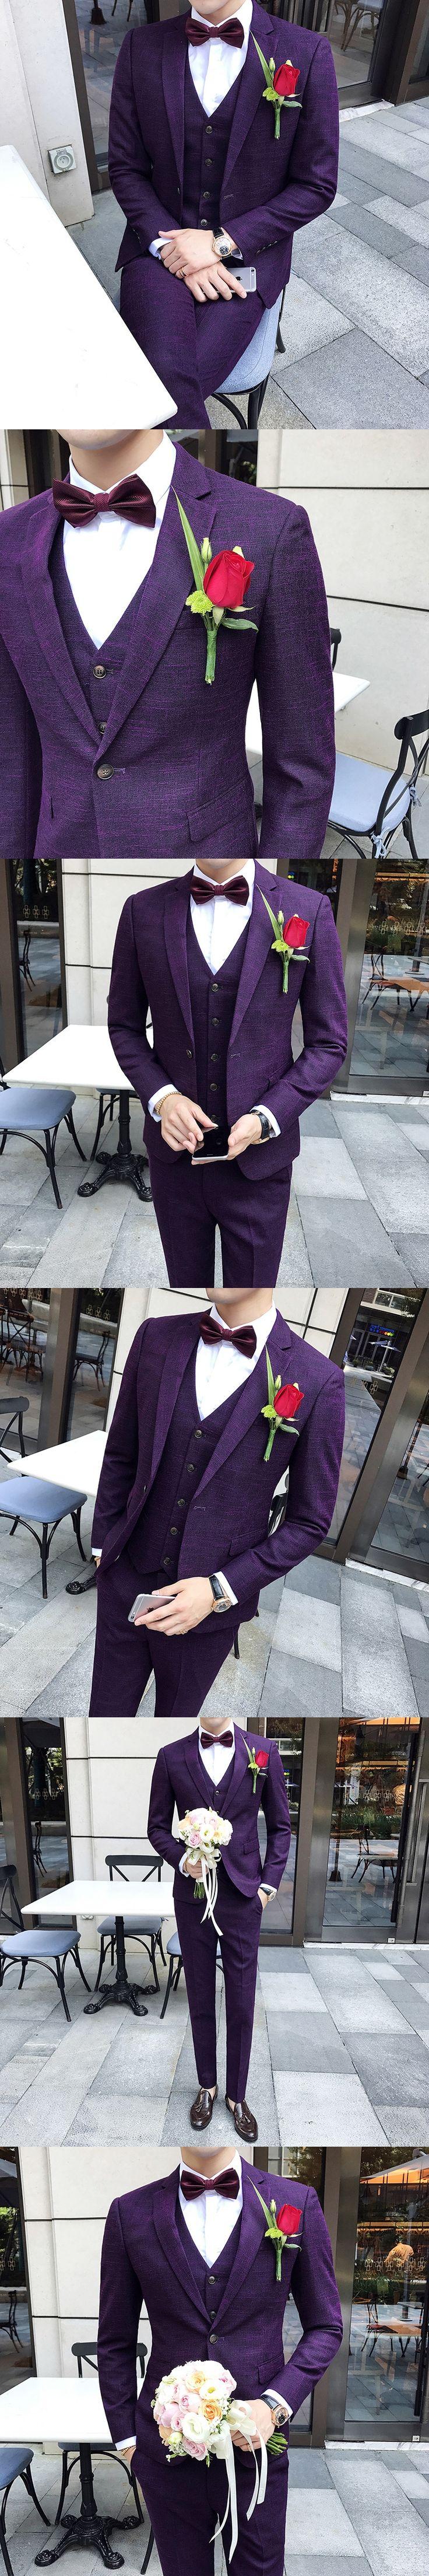 Purple Suits Mens Wedding Suits For Mens Classic Slim Fit Suits For Mens Purple Tuxedo Terno Vestido De Festa Dinner Party 2017